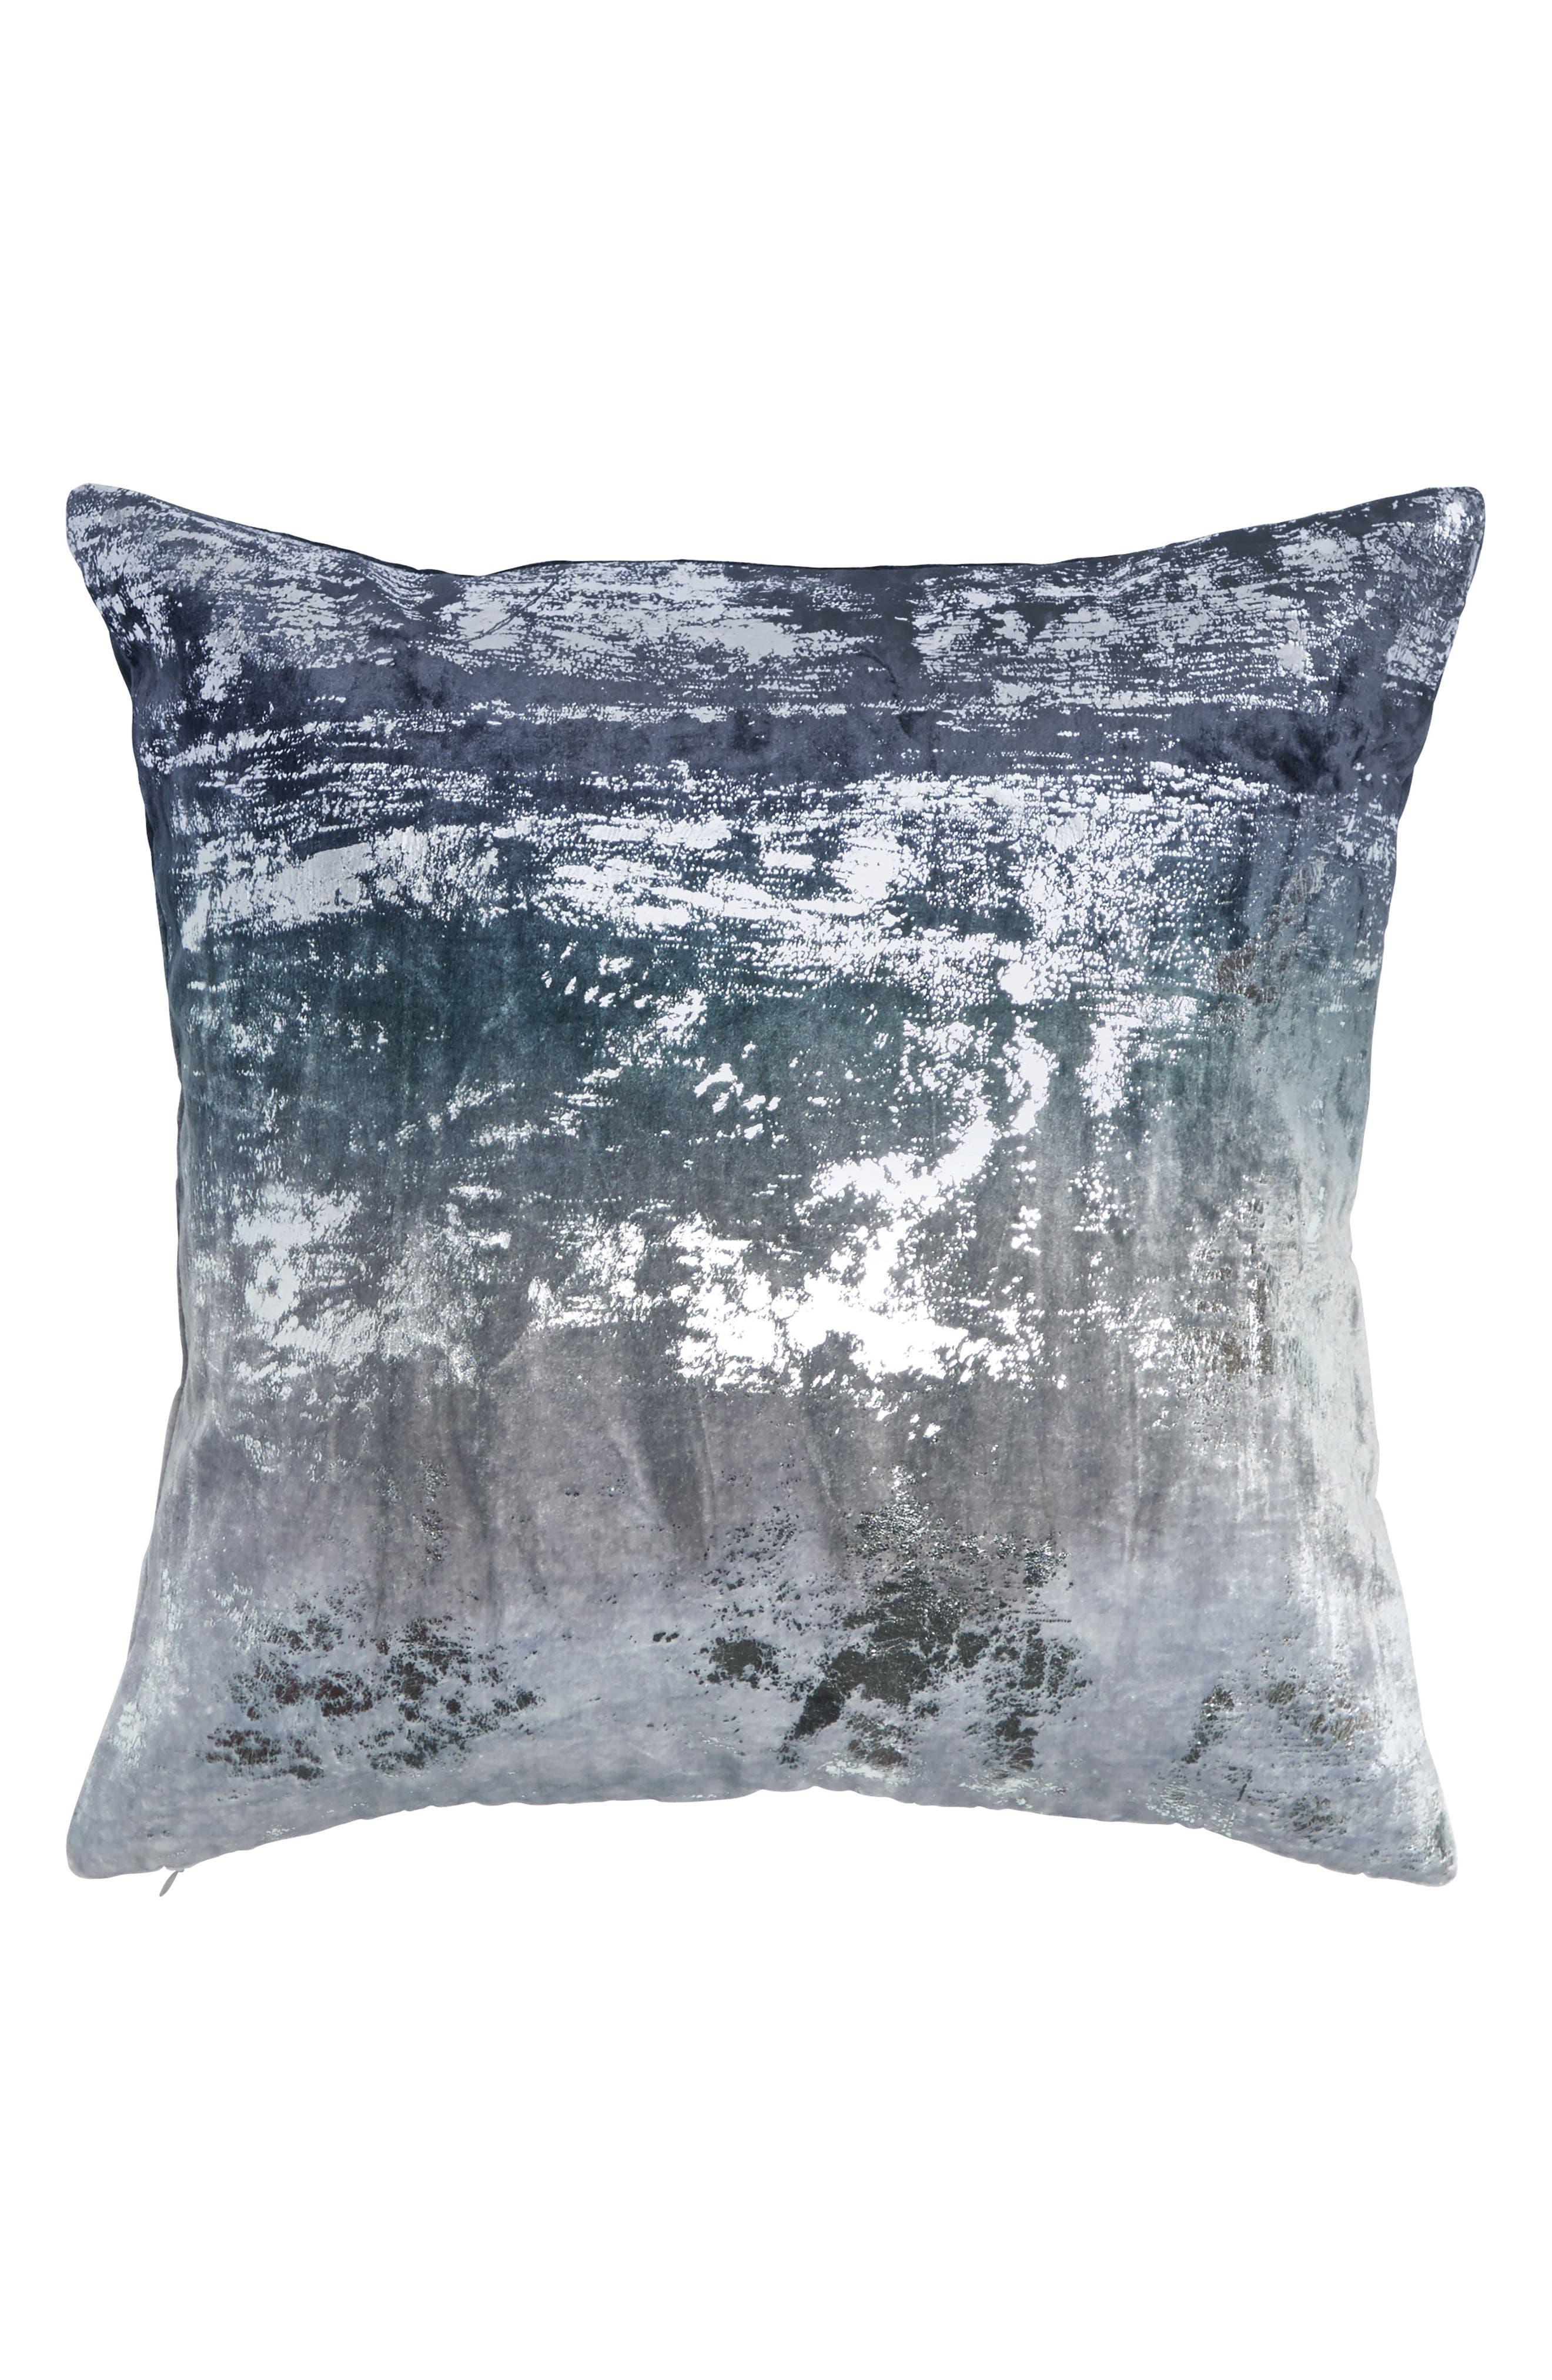 Donna Karan New York Ocean Velvet Accent Pillow